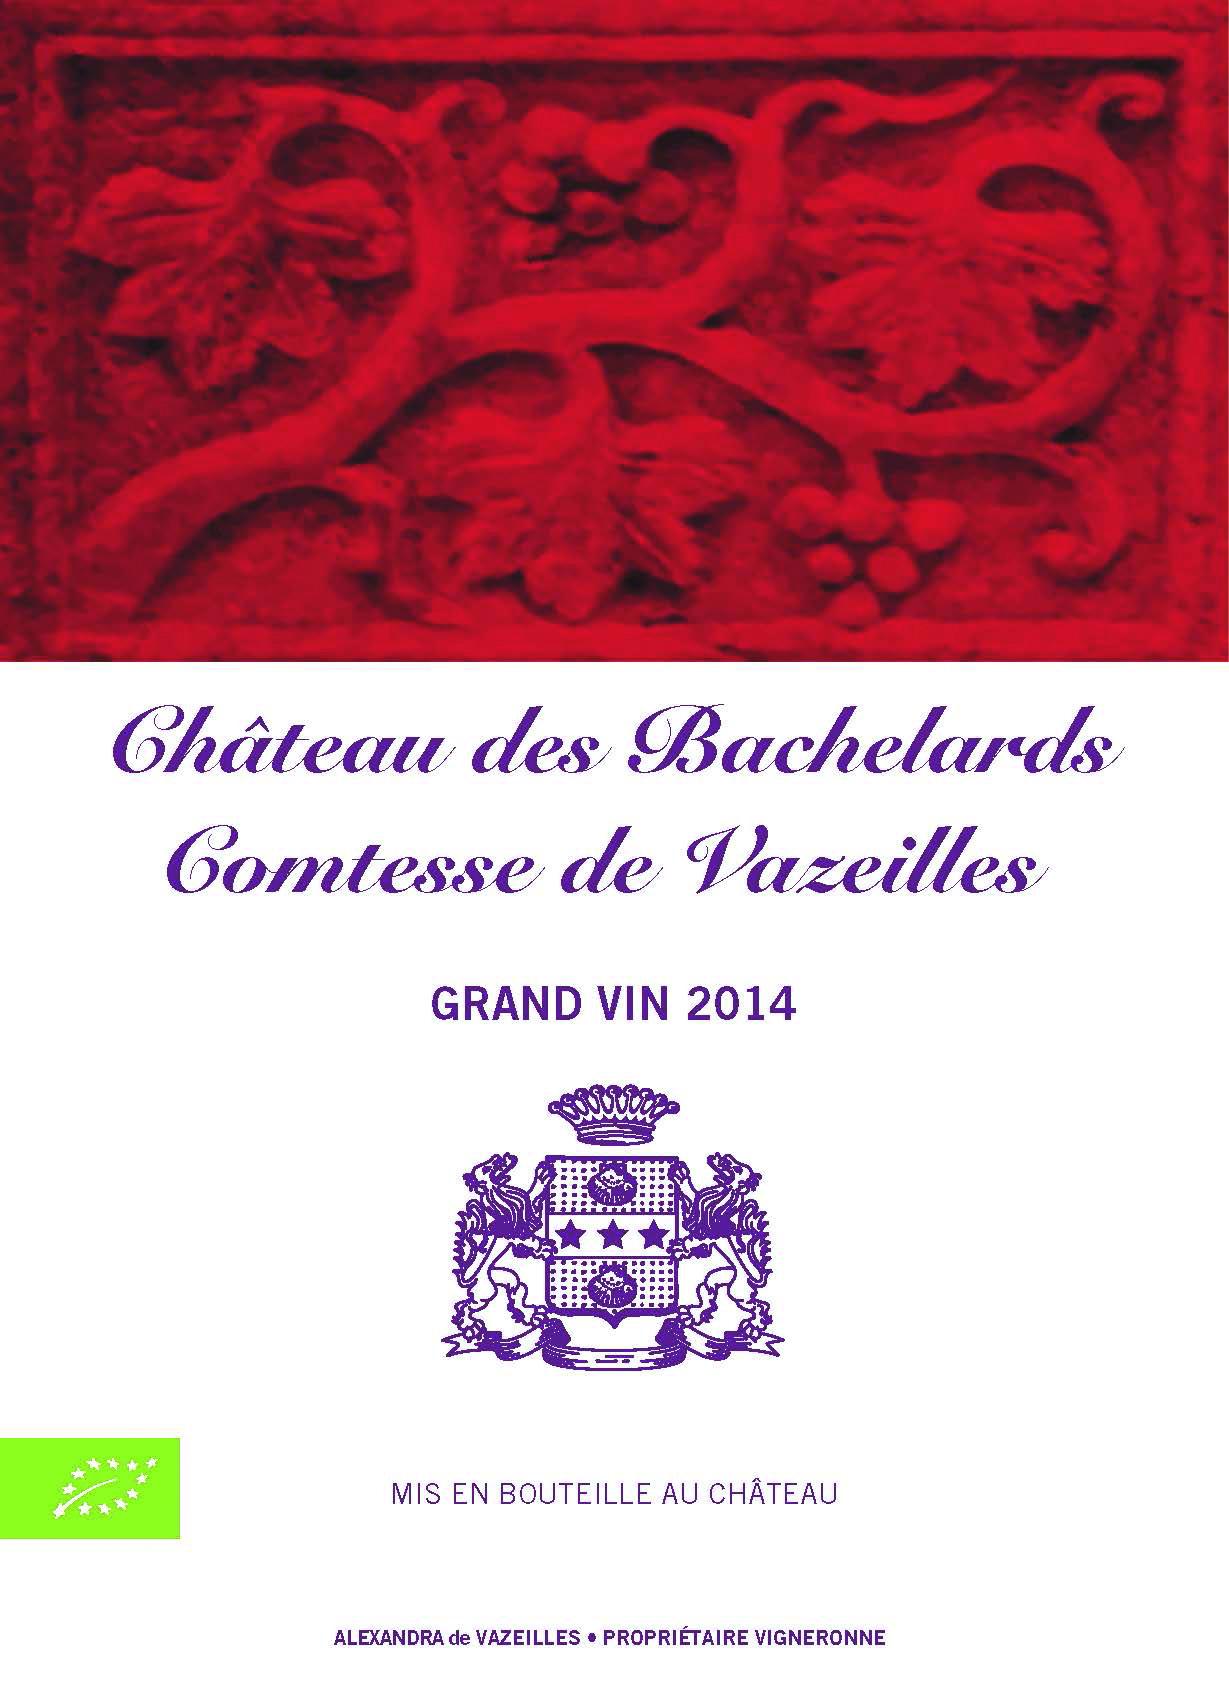 Adhérent CHATEAU DES BACHELARDS I COMTESSE DE VAZEILLES - photo #7928